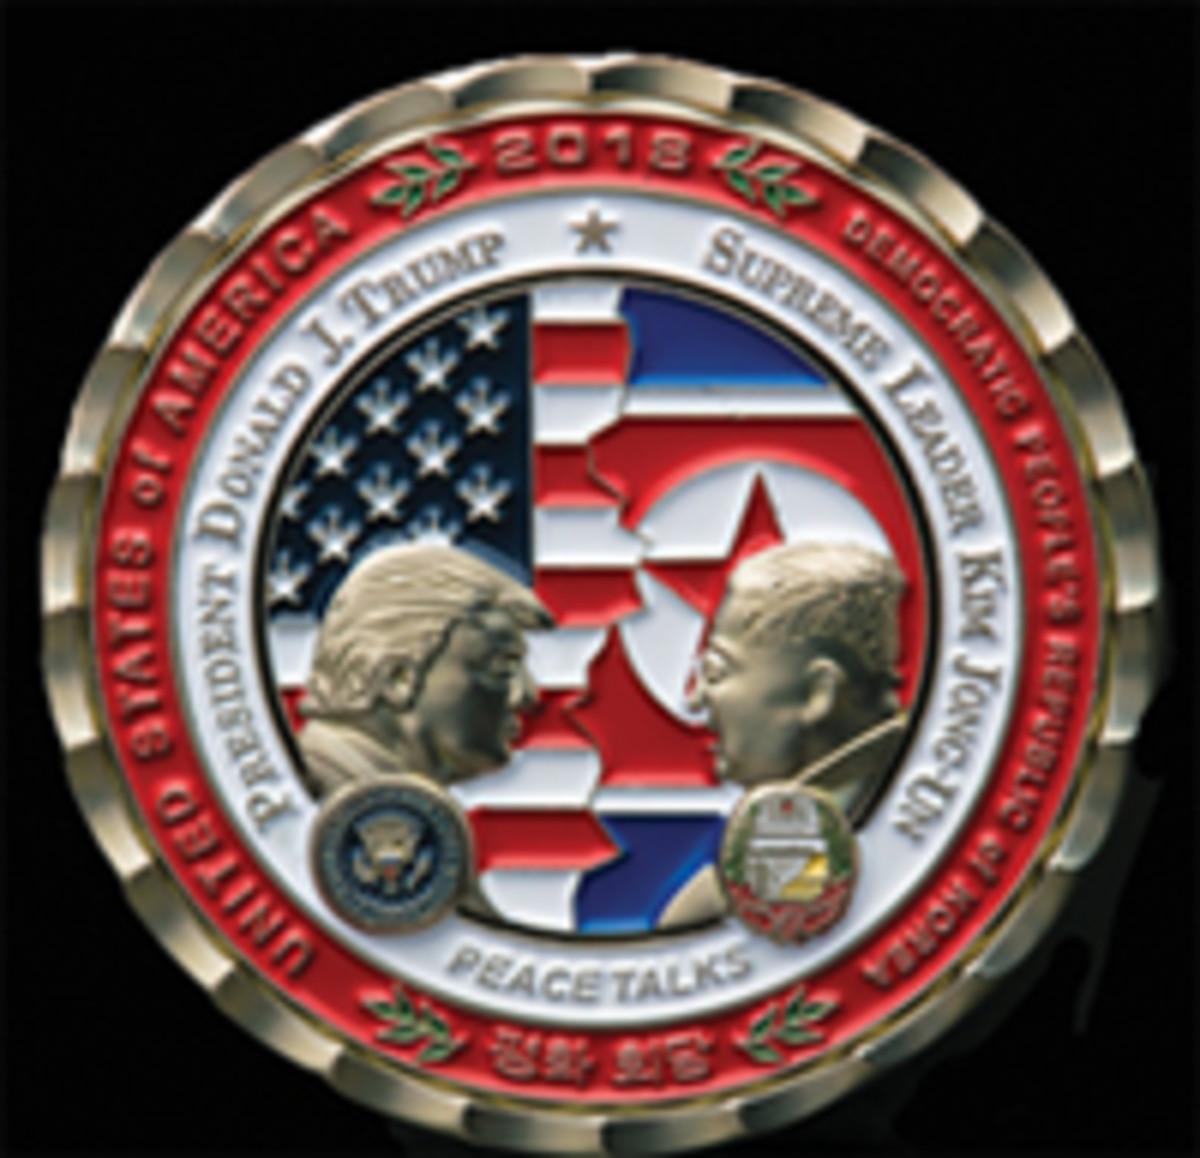 (Image courtesy whitehousegiftshop.com)